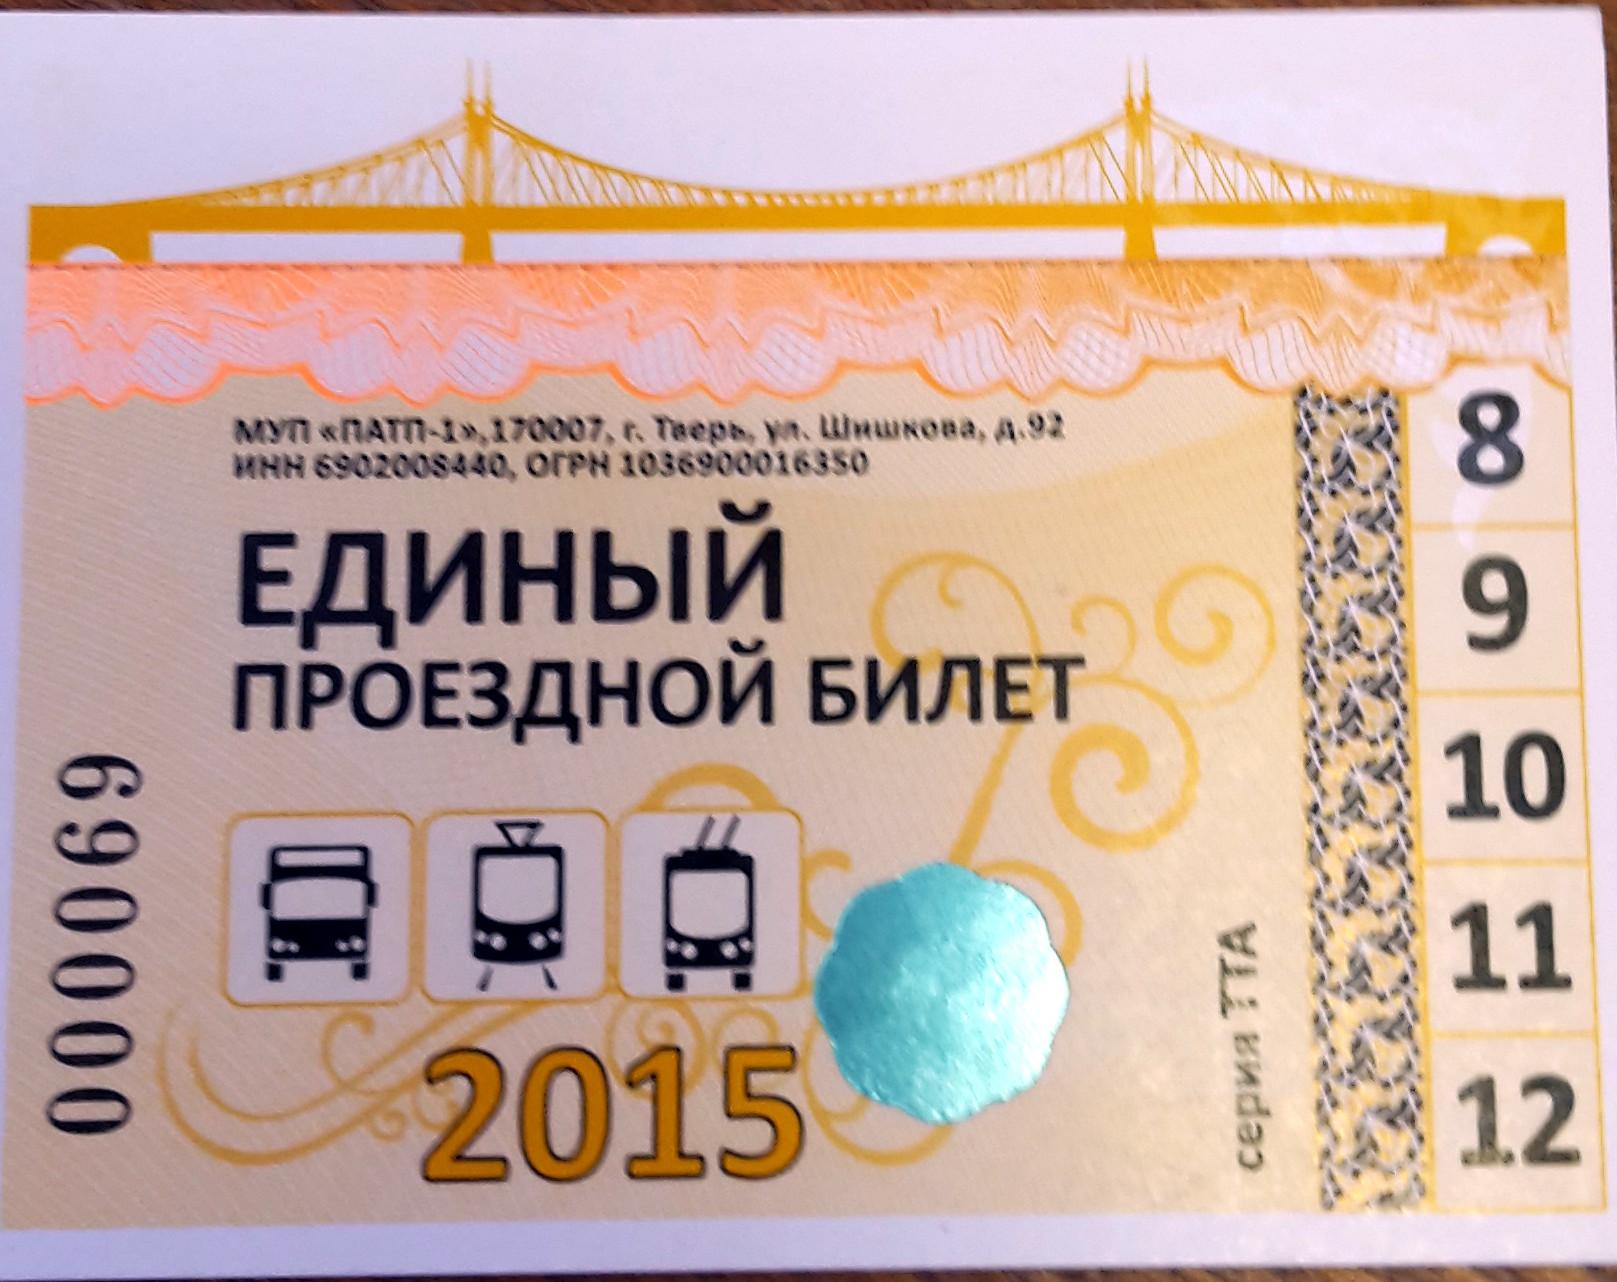 Билет иваново москва 5 фотография